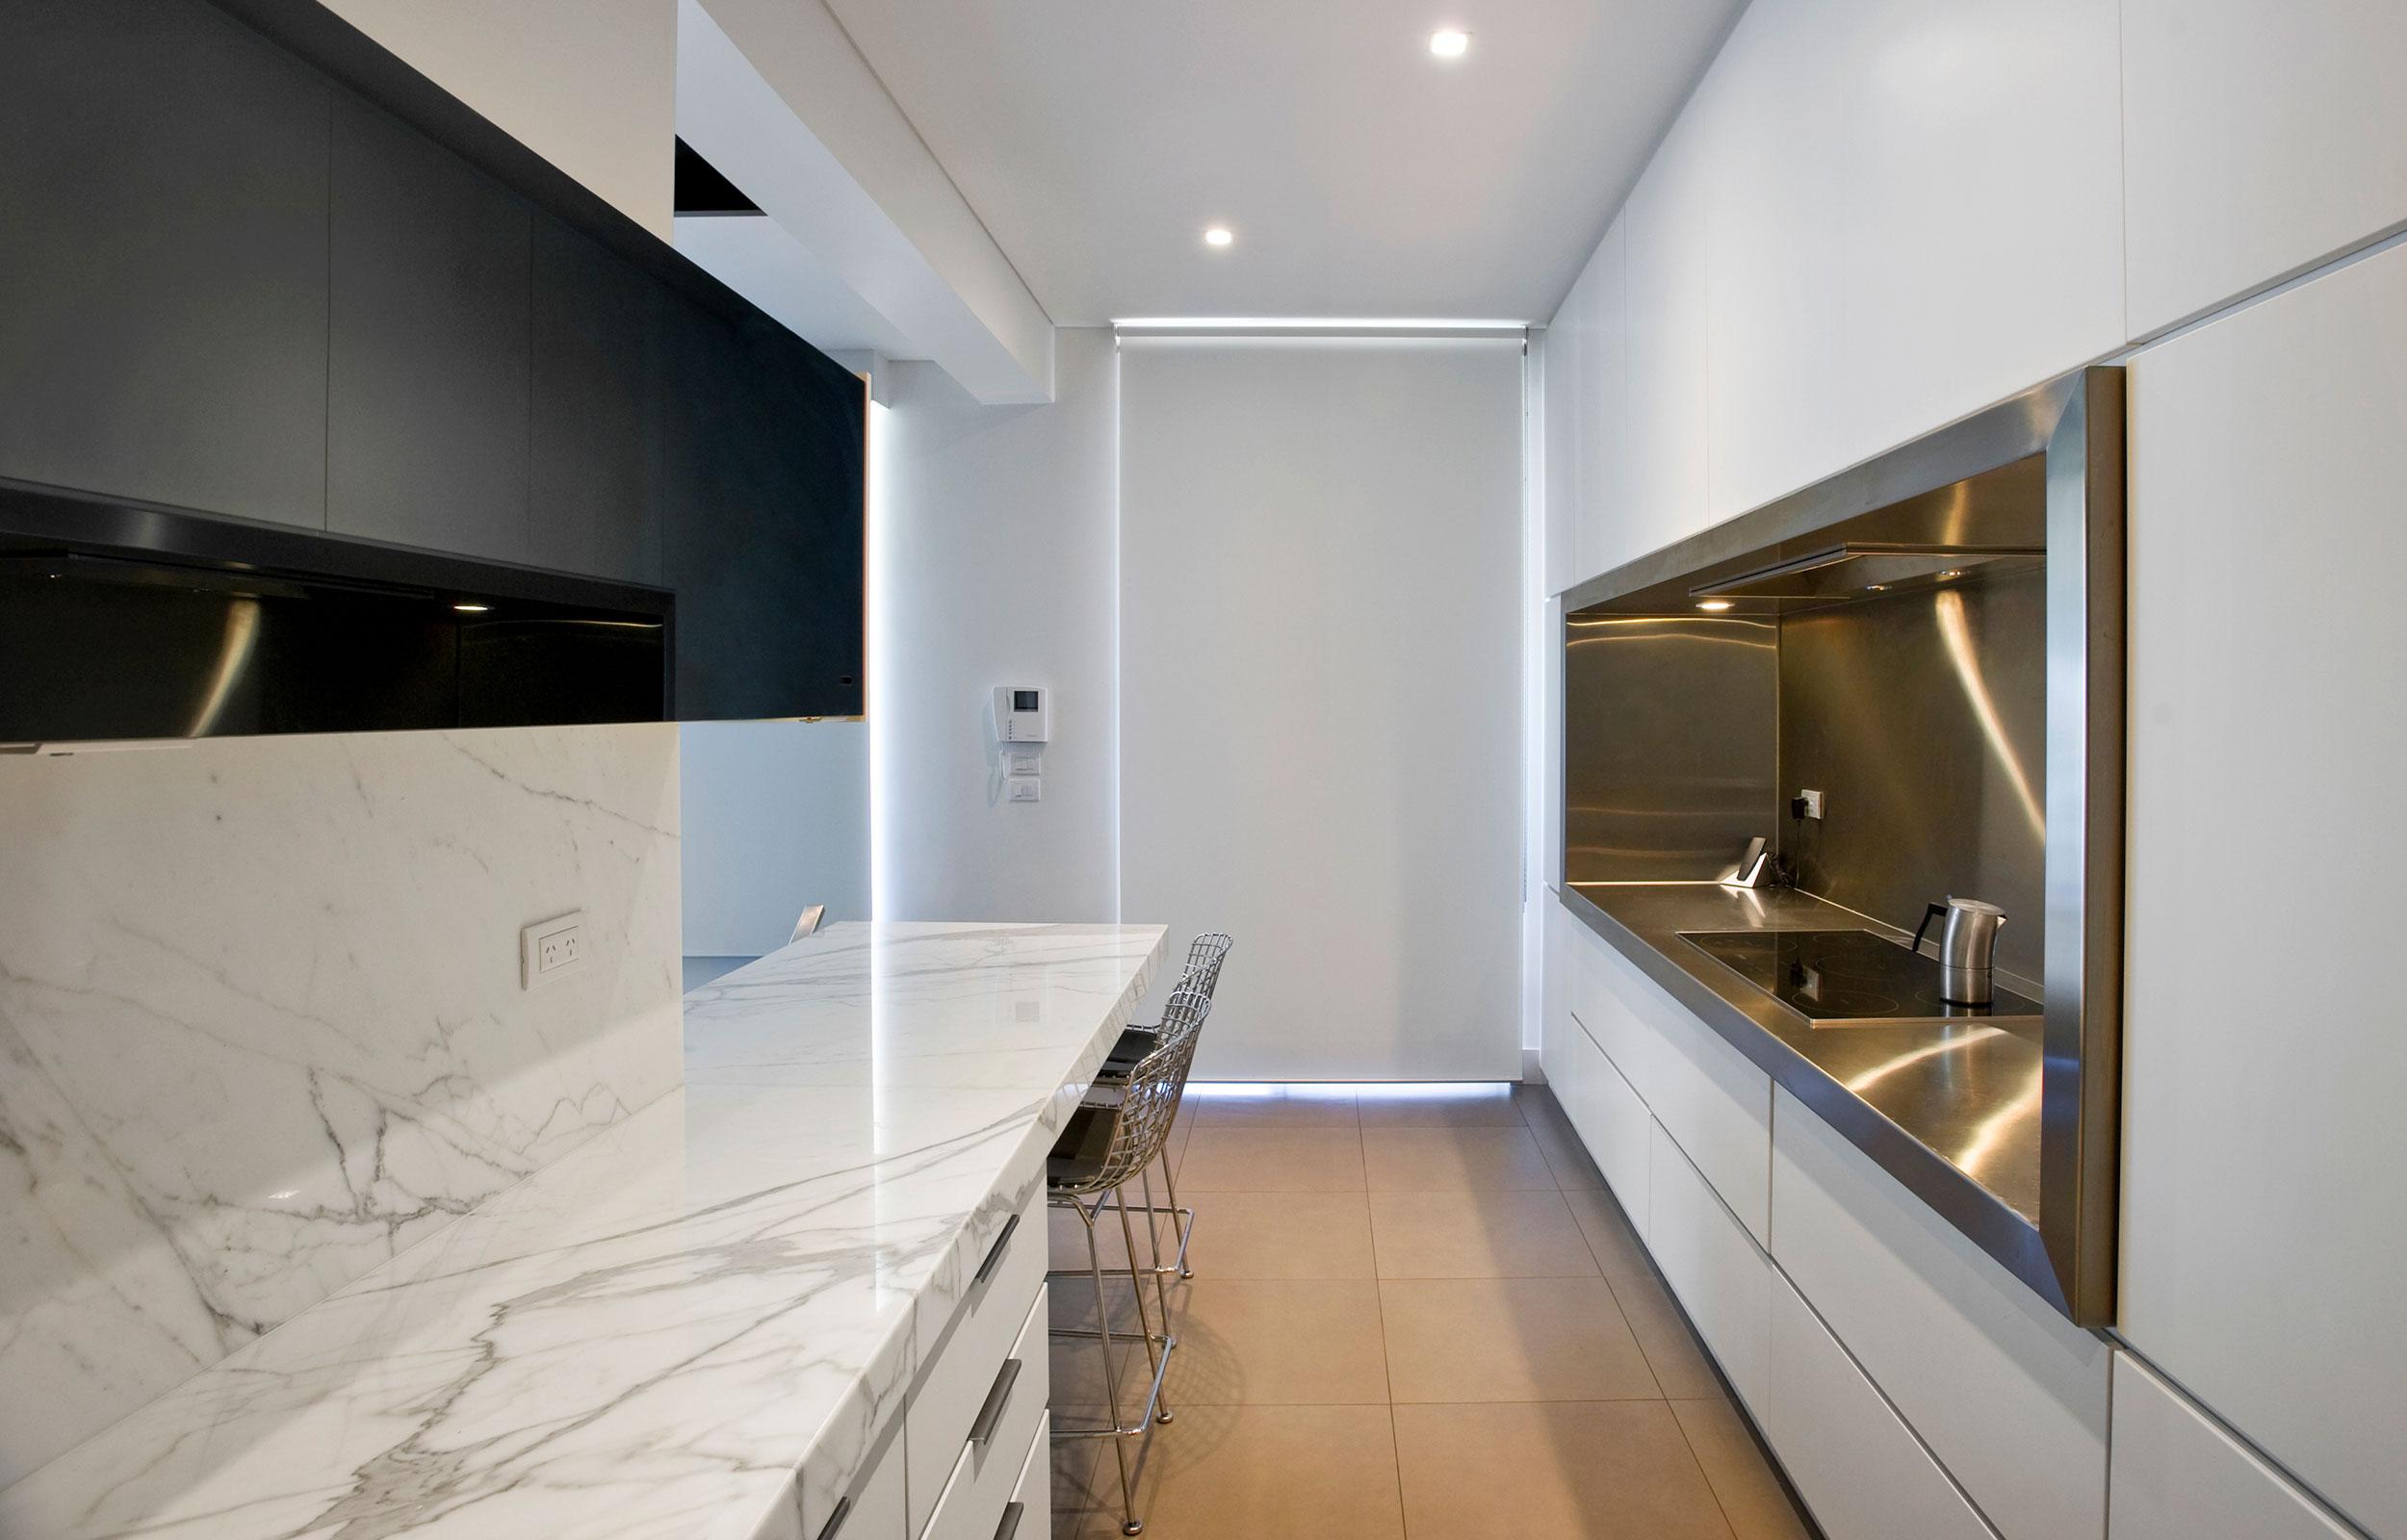 enoki-interior-AdelaideRes-5.jpg